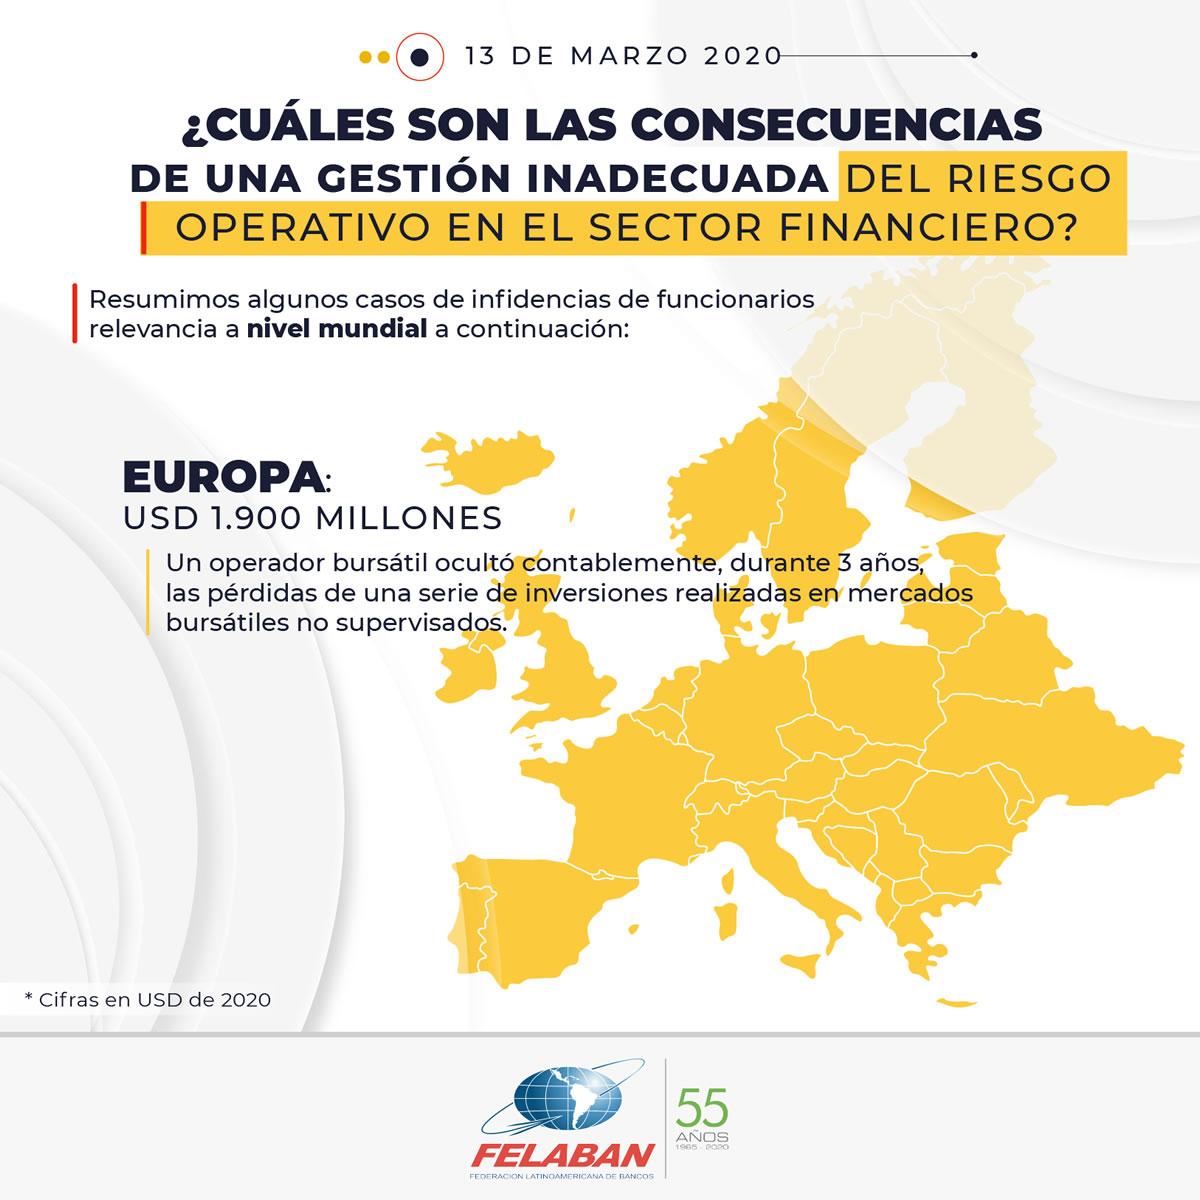 Gráfica Económica Nro 18-2 - ¿Cuáles son las consecuencias de una gestión inadecuada del riesgo operativo en el sector financiero? - Europa